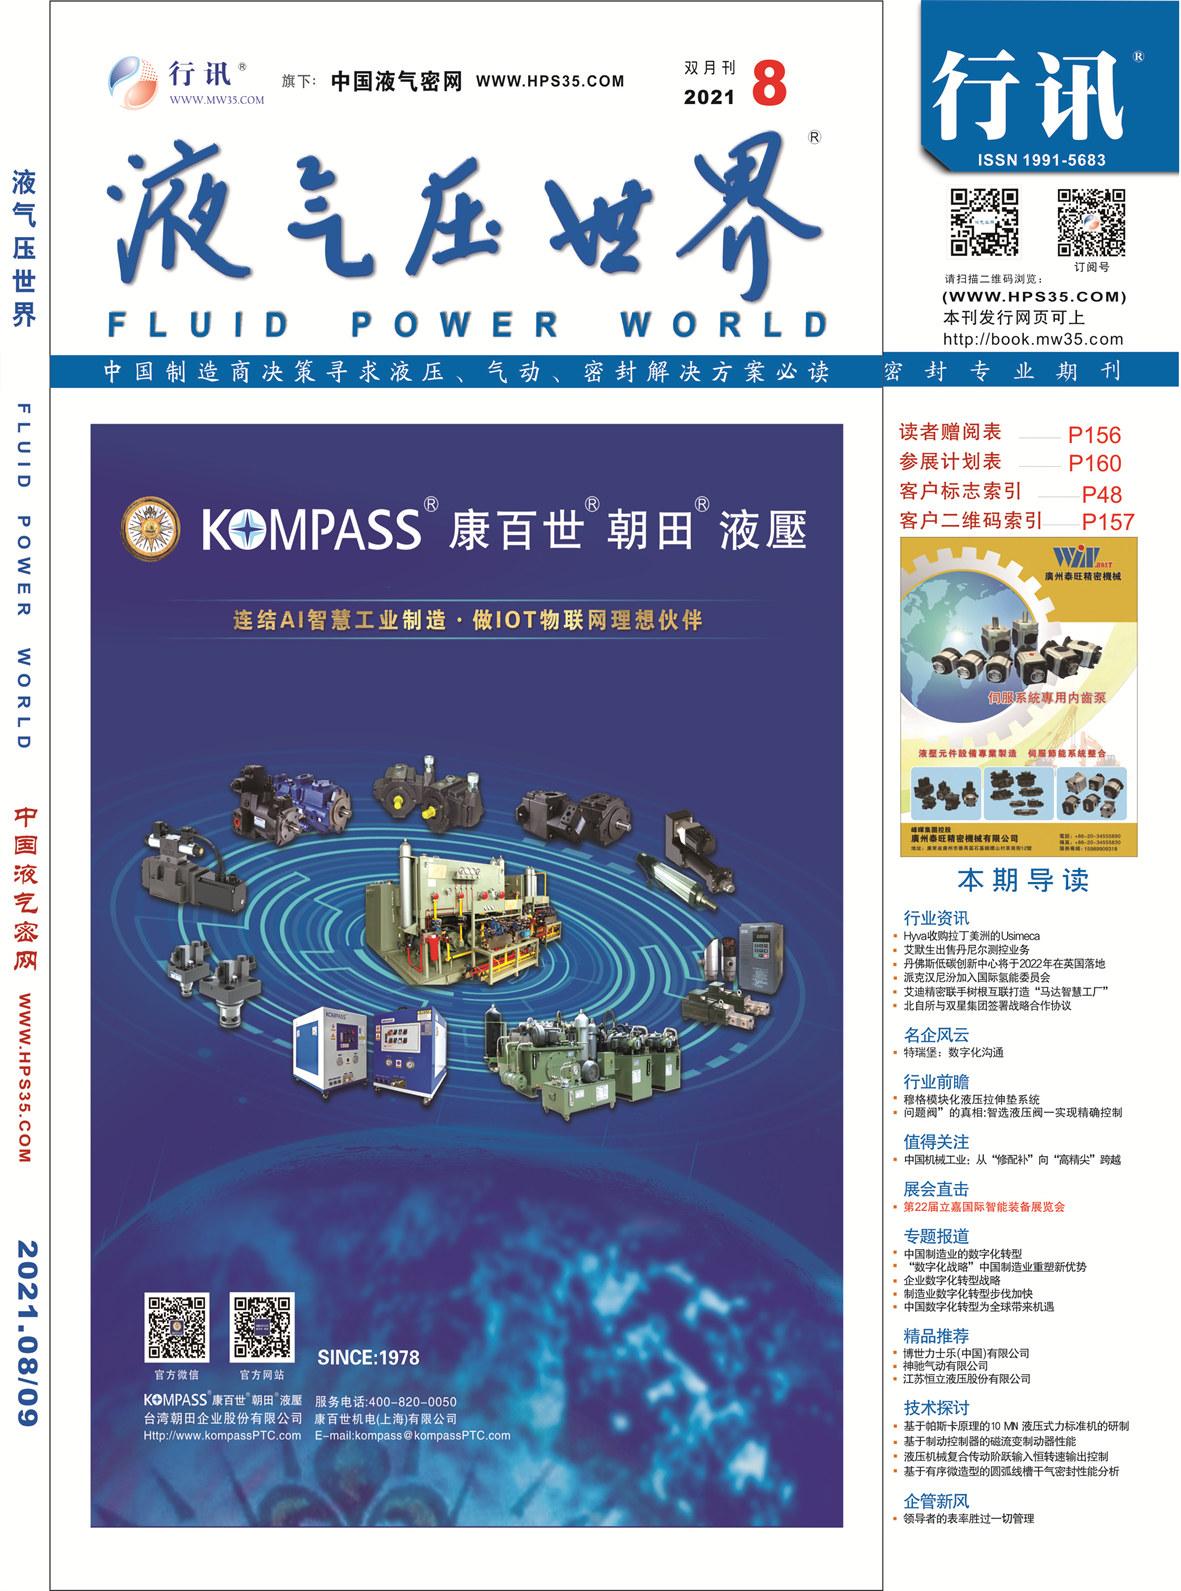 液气压世界2021年第4期